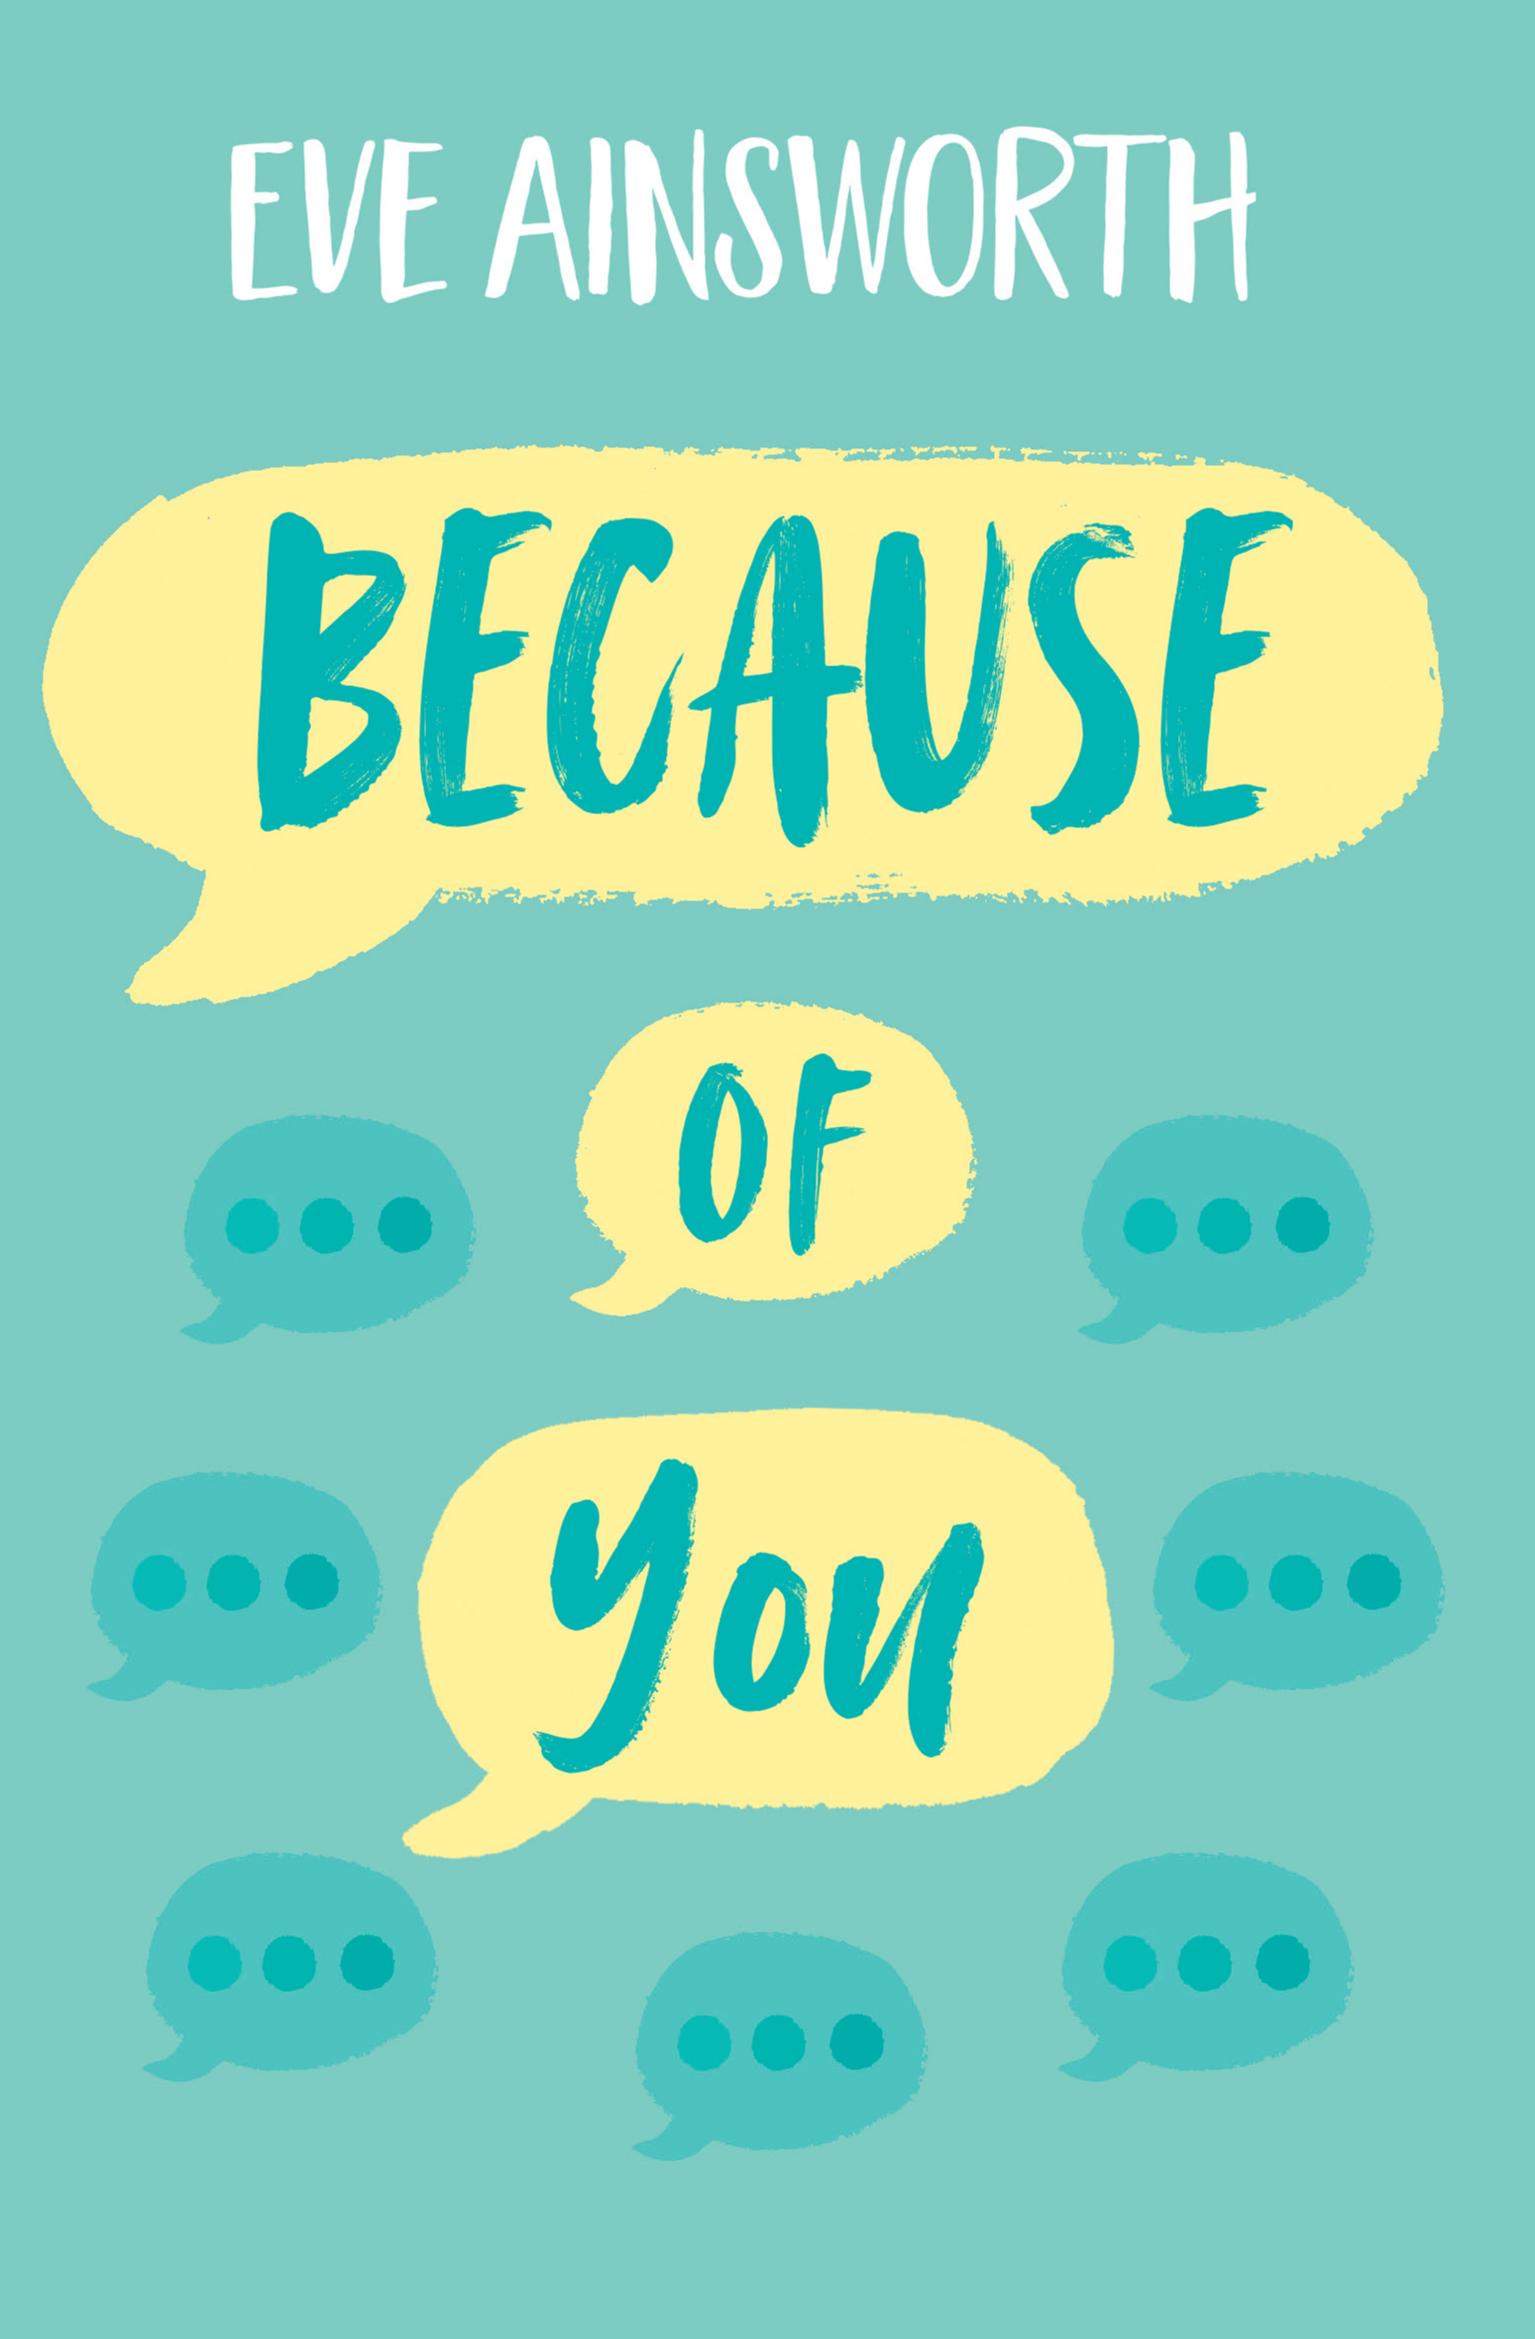 Becuase of you.jpg